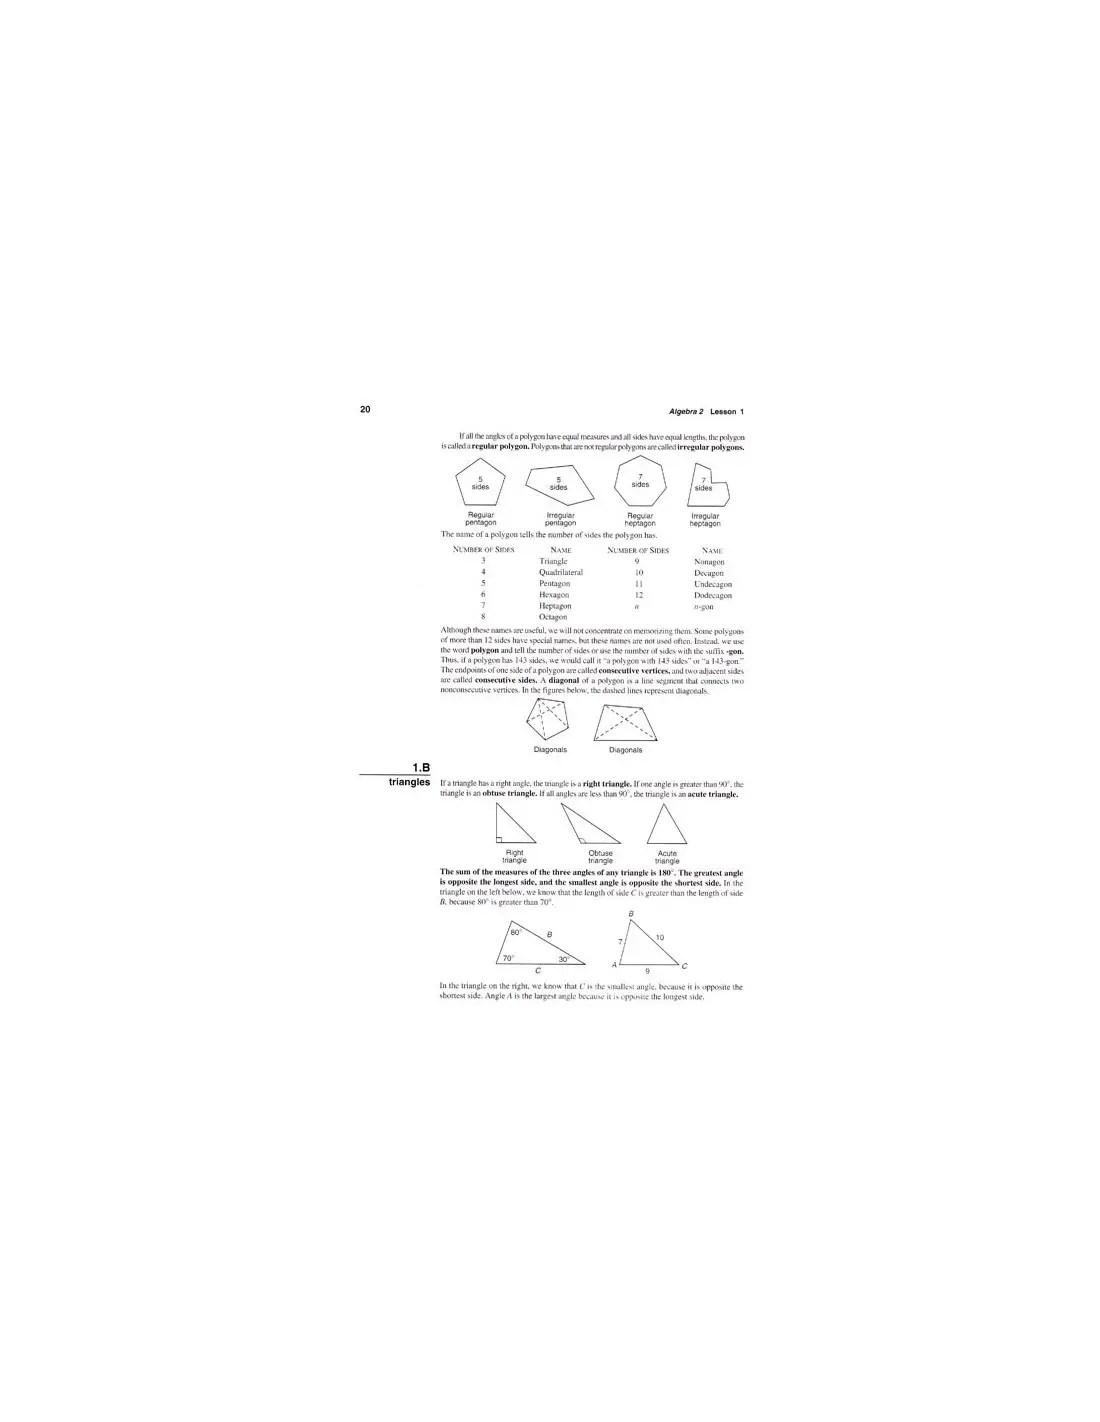 Saxon Algebra 2 3rd Ed Text New